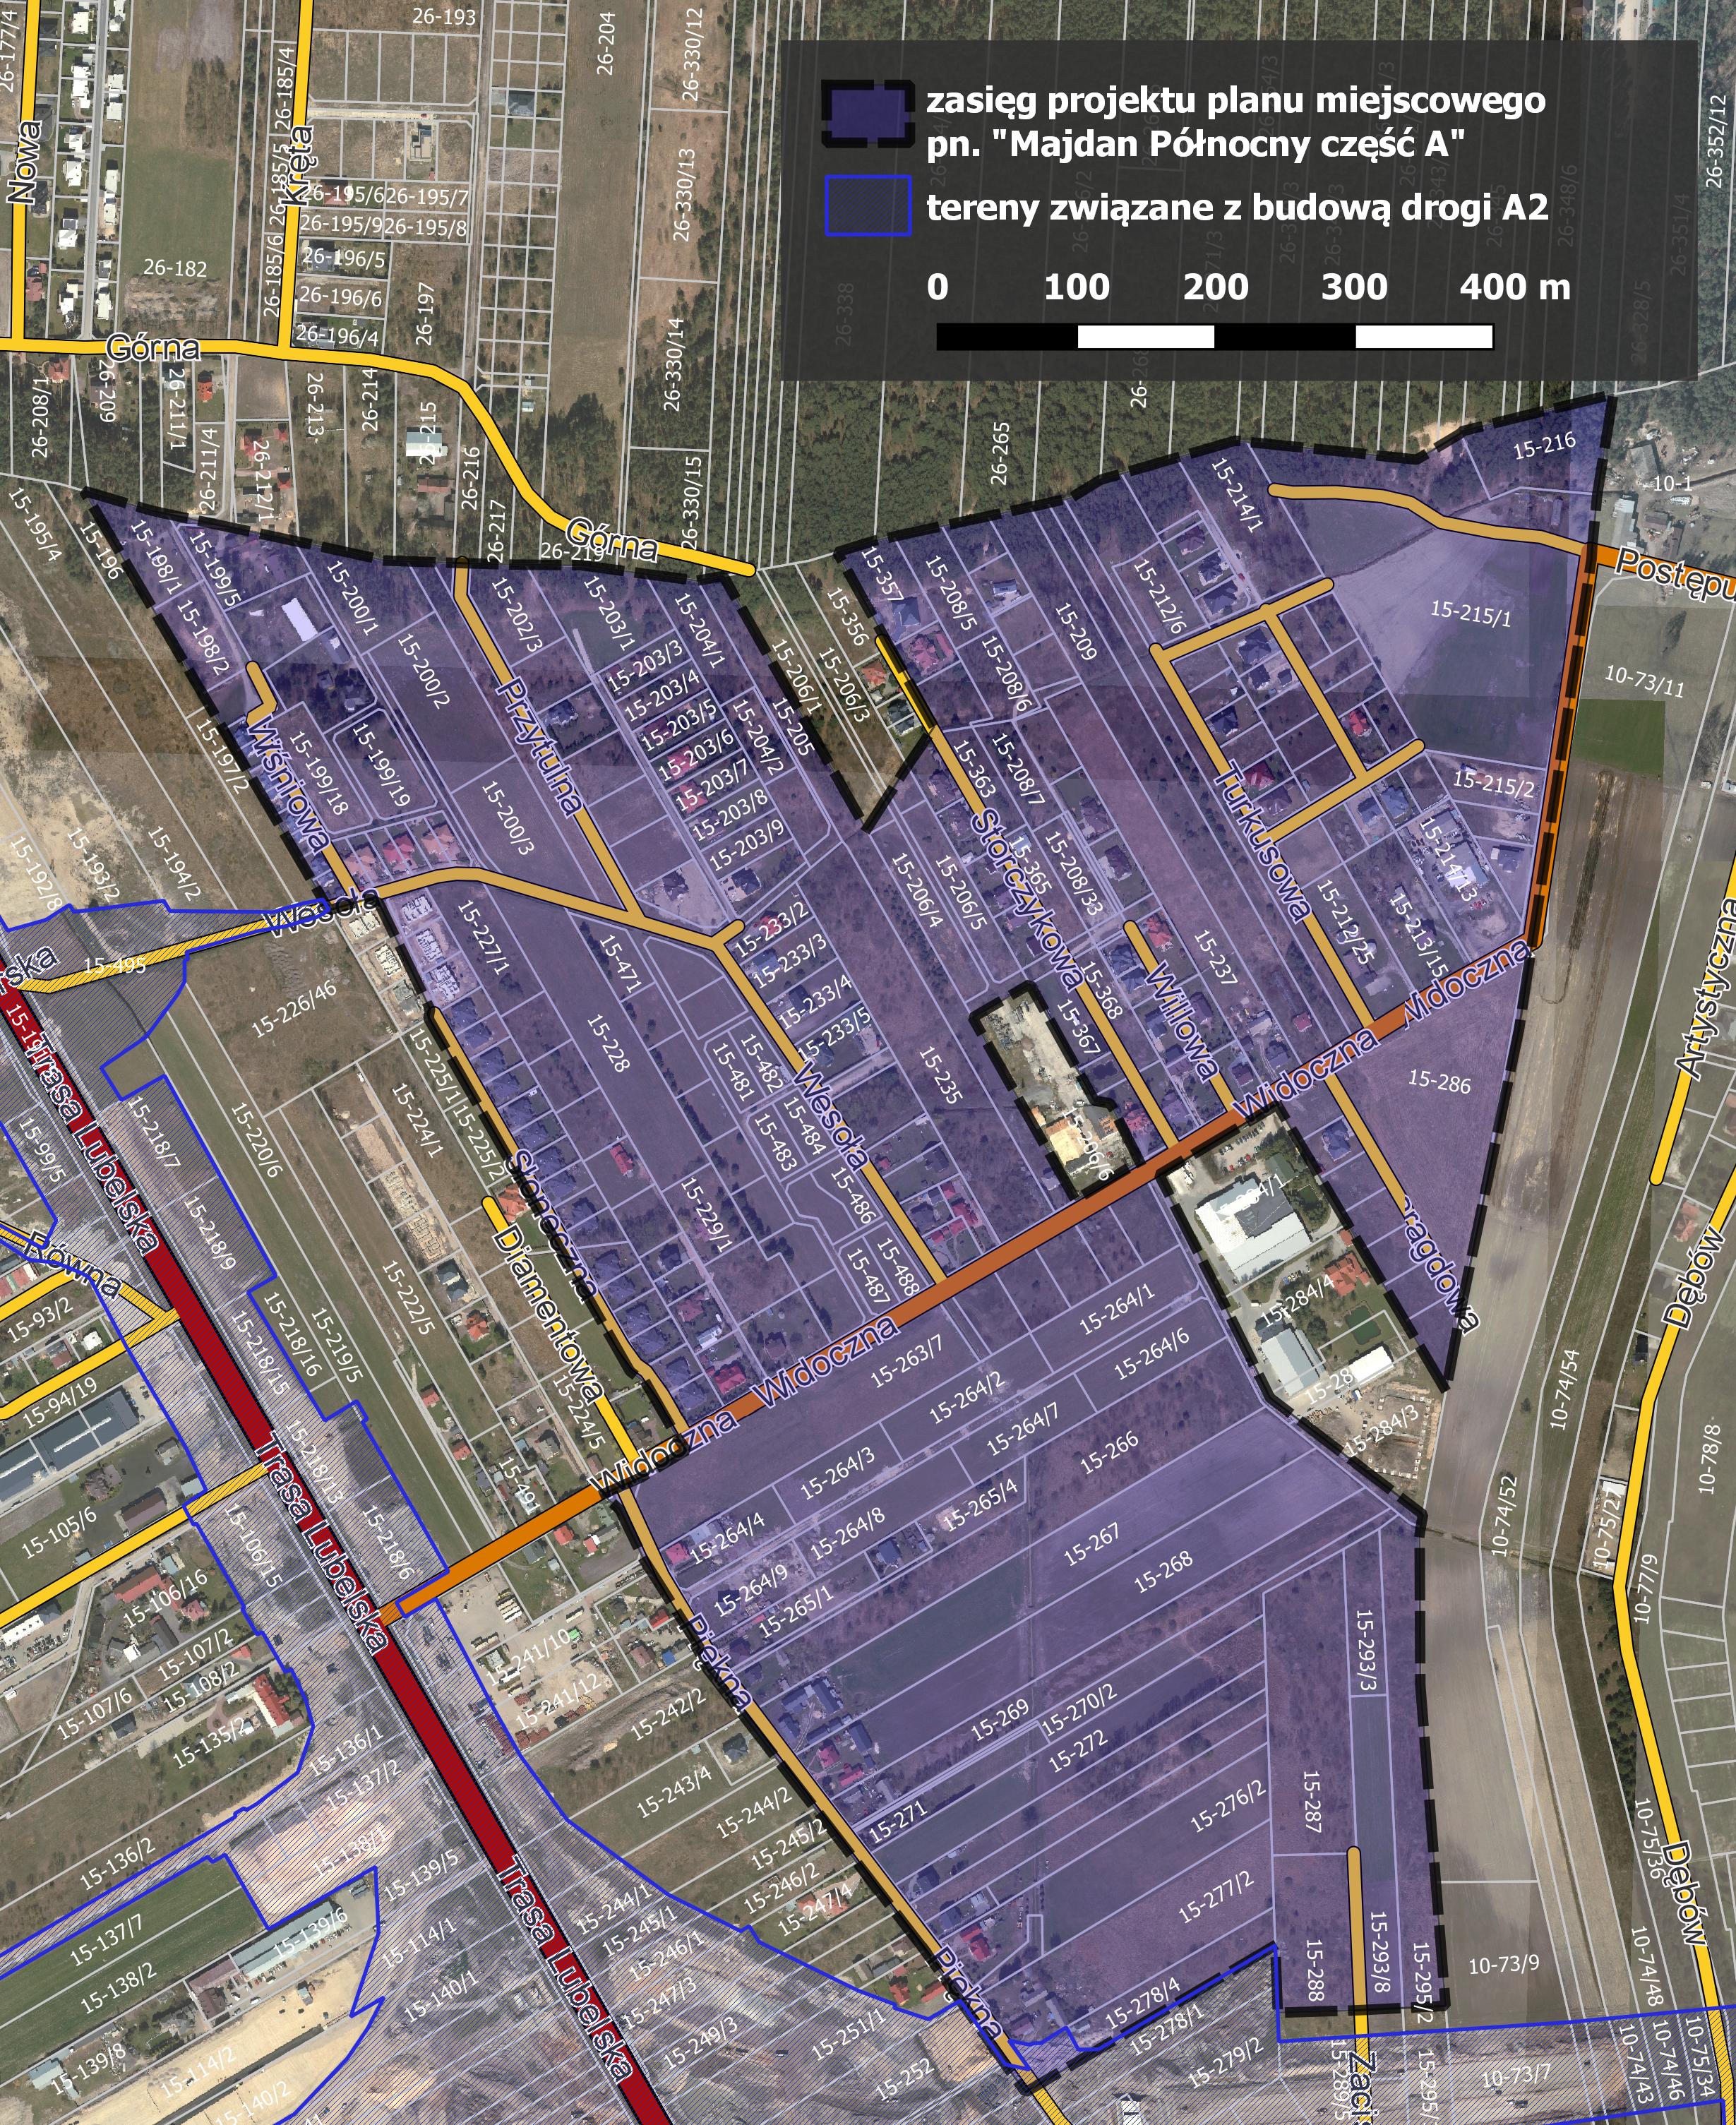 Projekt miejscowego planu zagospodarkowania przestrzennego Majdan Północny część A